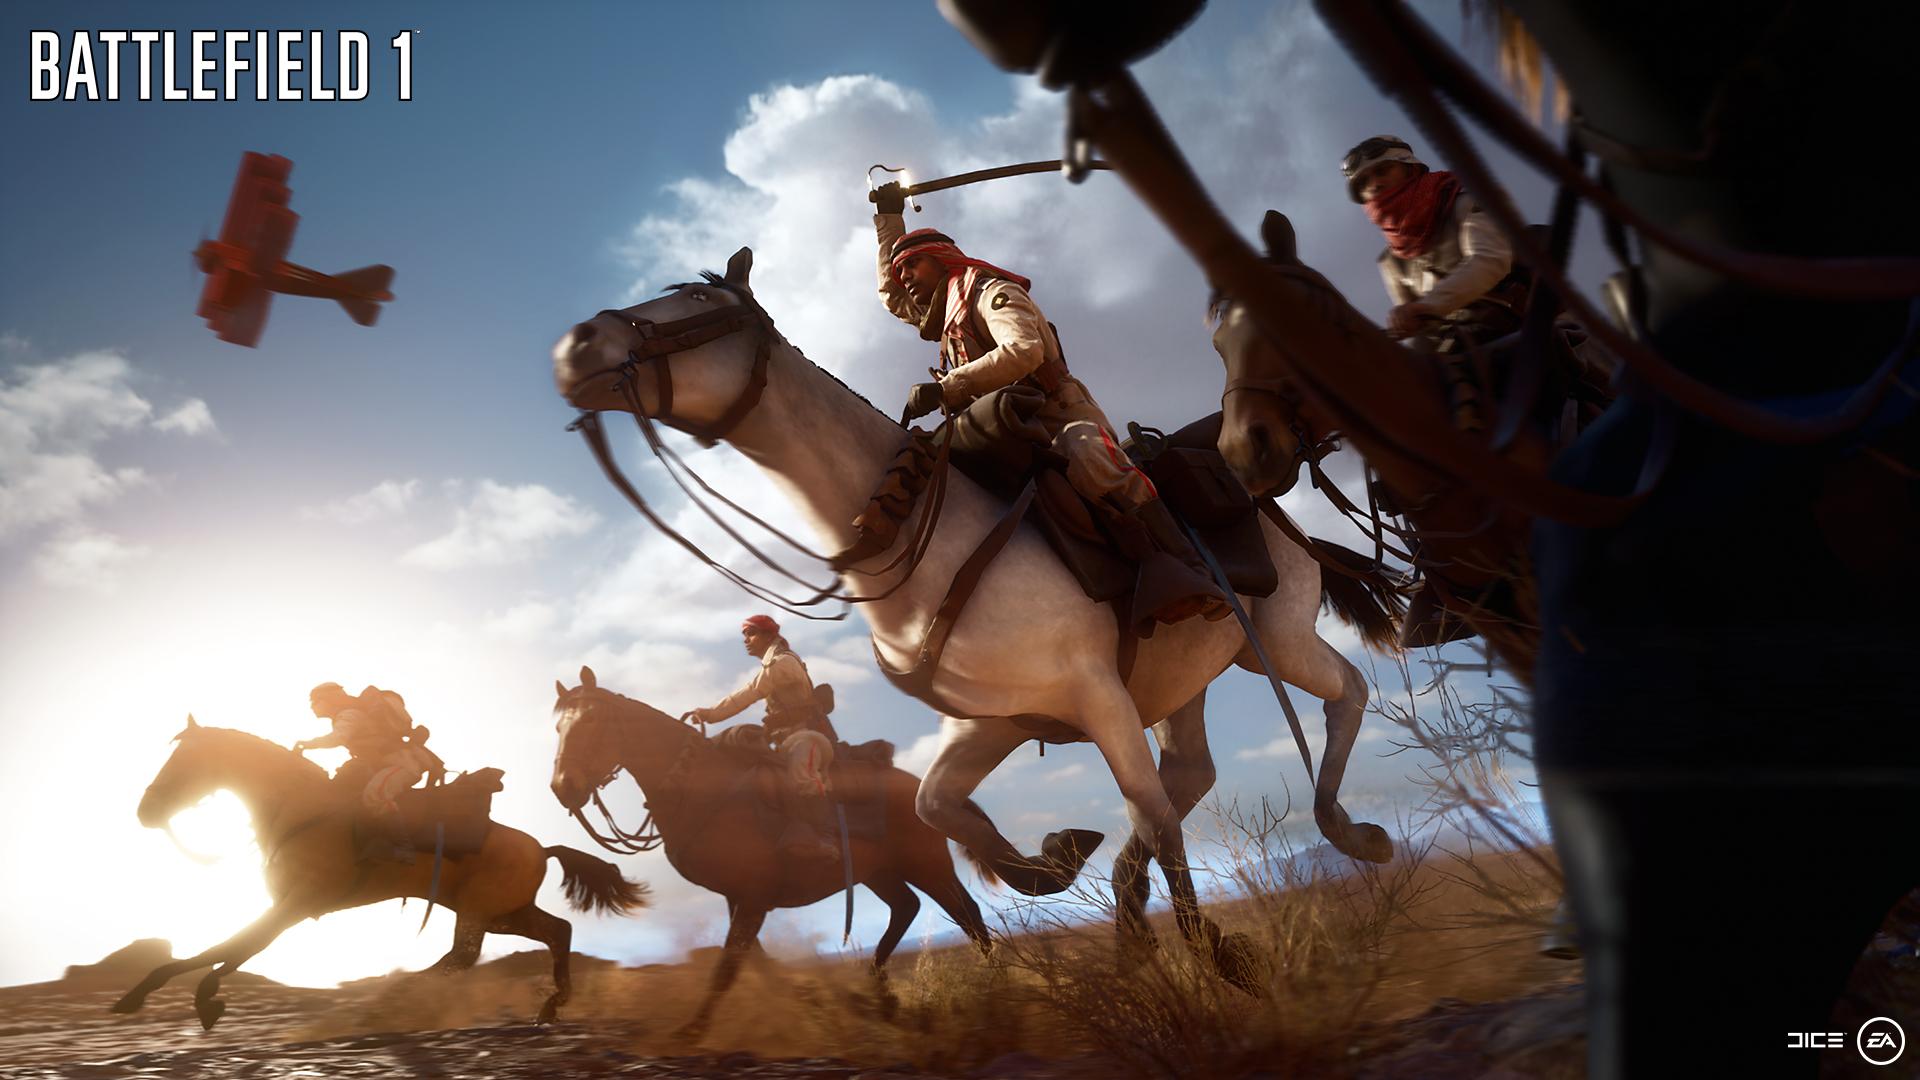 Battlefield 1 – Die offene Beta ist jetzt verfügbar für Xbox One, PS4 und PC